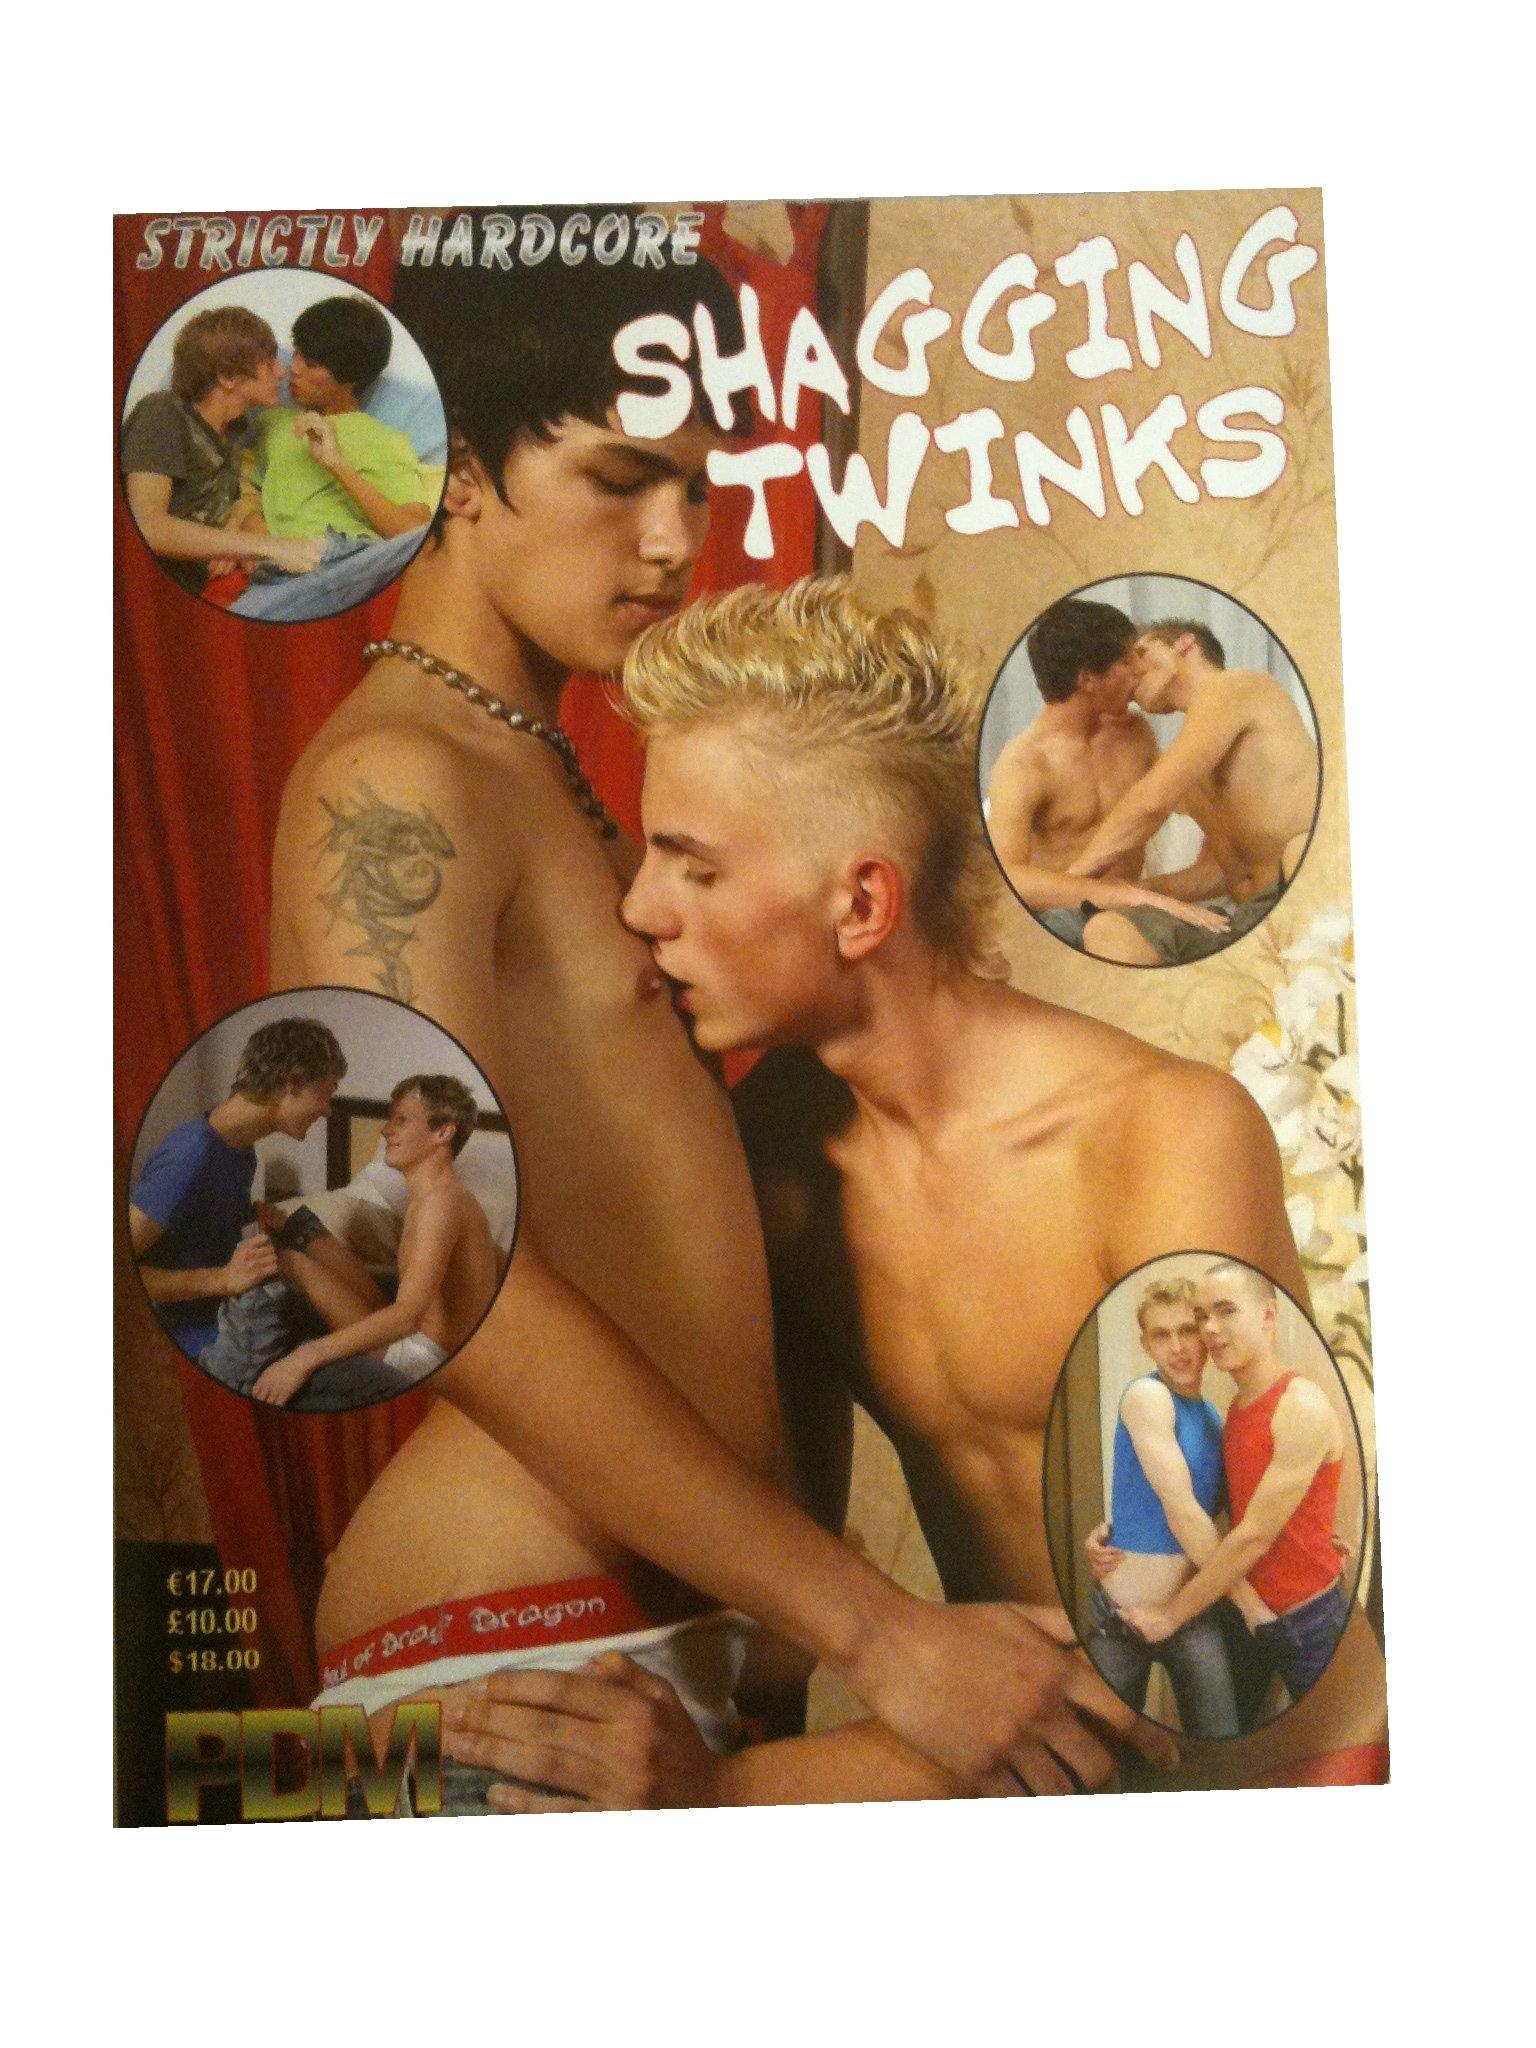 Shagging Twinks